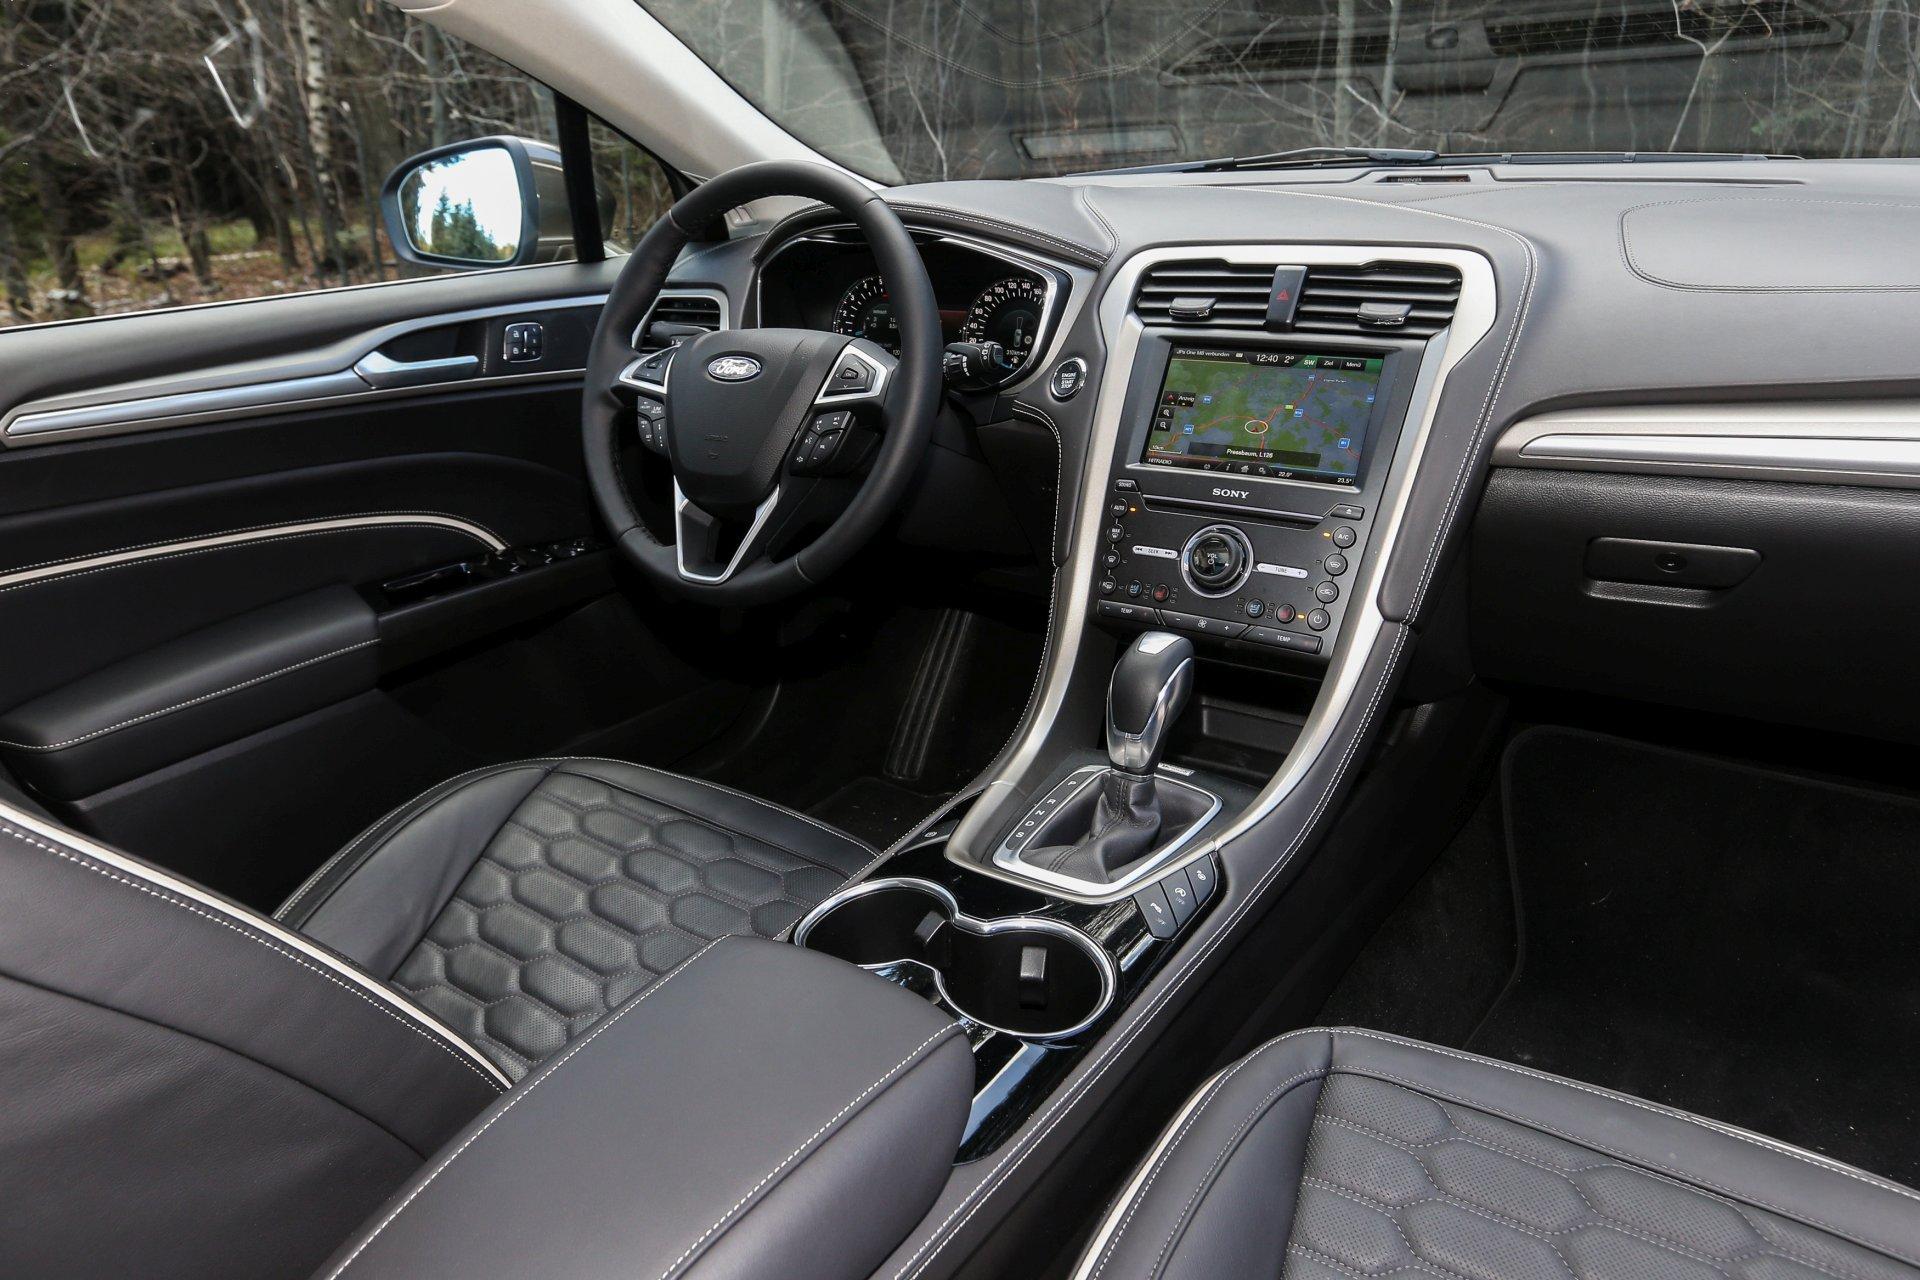 Ford Mondeo Vignale Traveller 2 0 Tdci Awd Aut Alles Auto